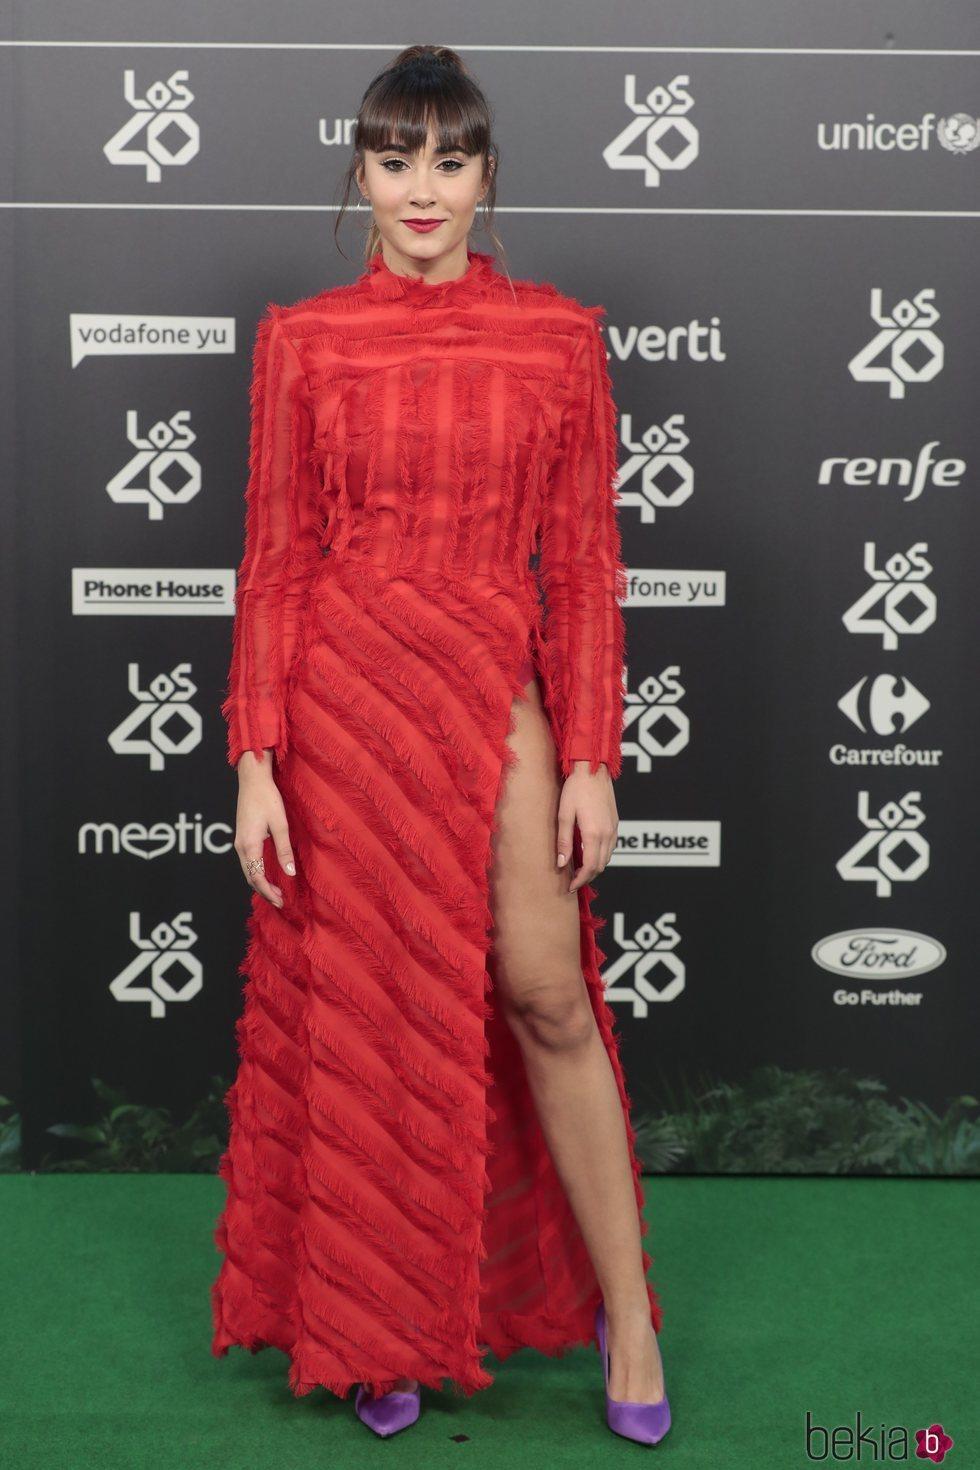 Aitana en la alfombra roja de los 40 Music Awards 2018